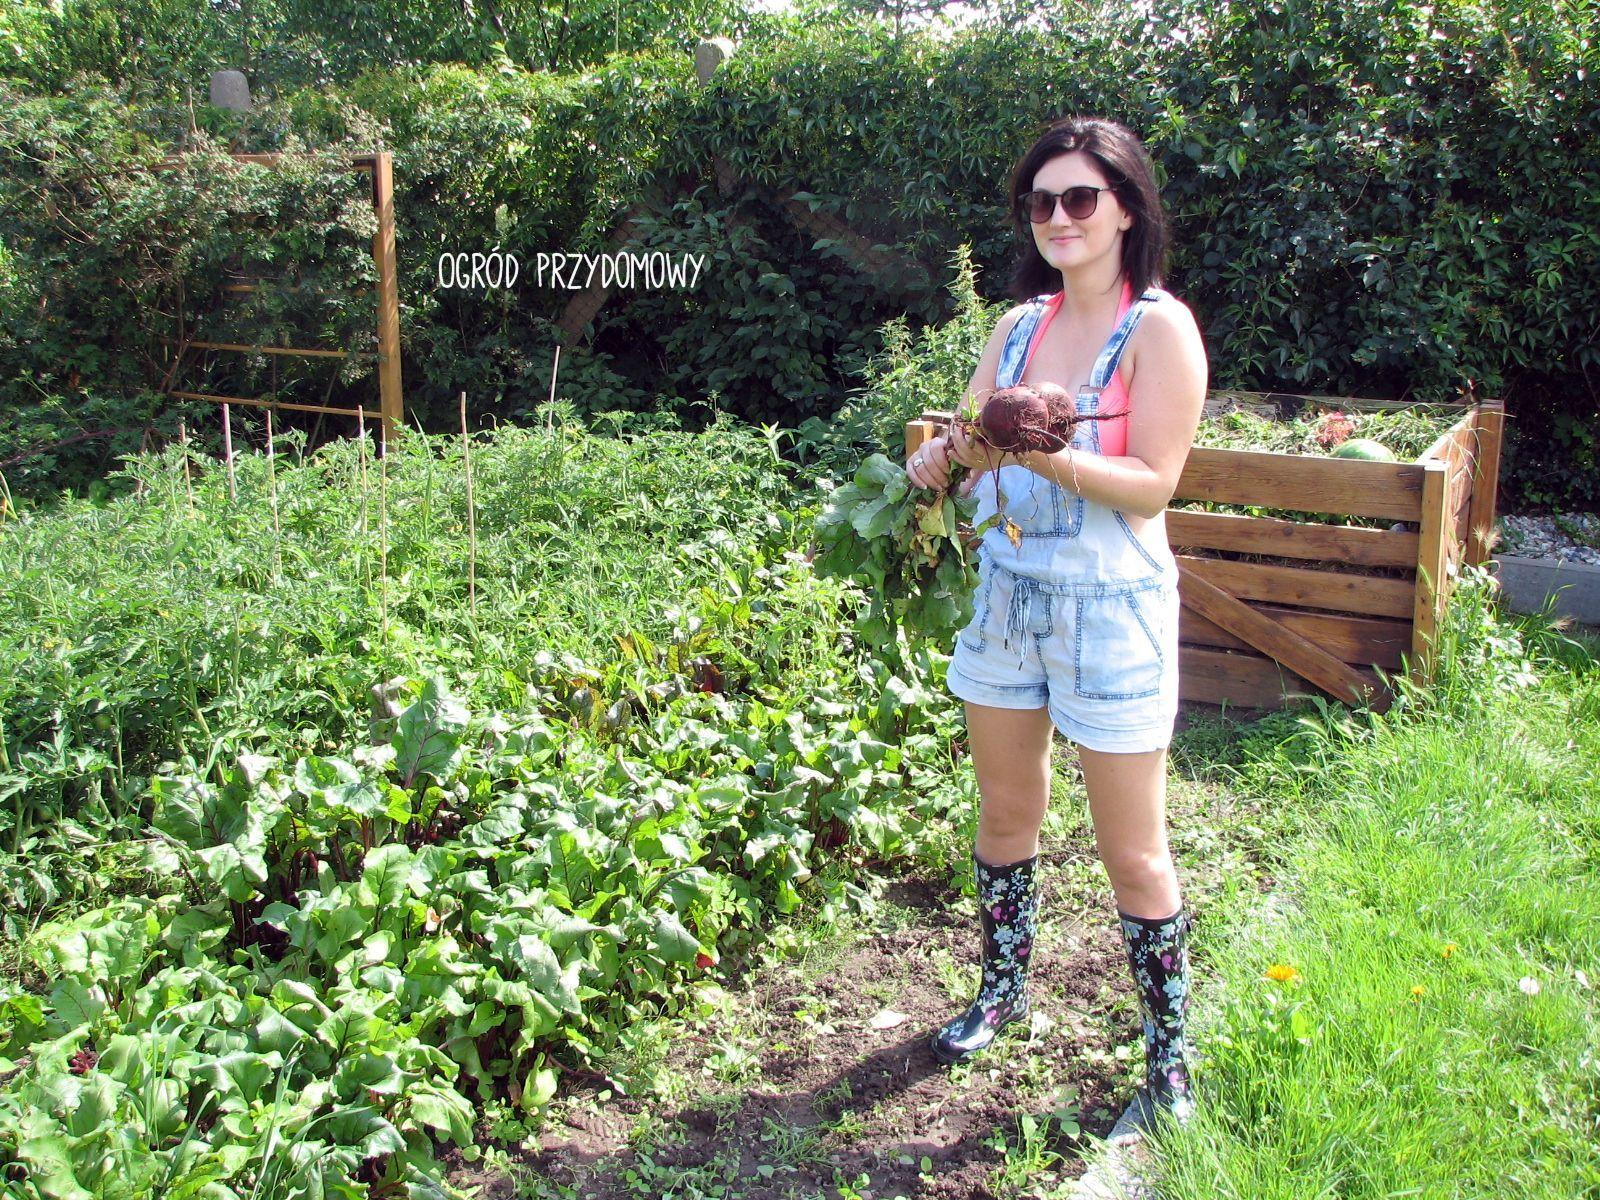 Ogród może być pasją dla osób w każdym wieku – wpis gościnny